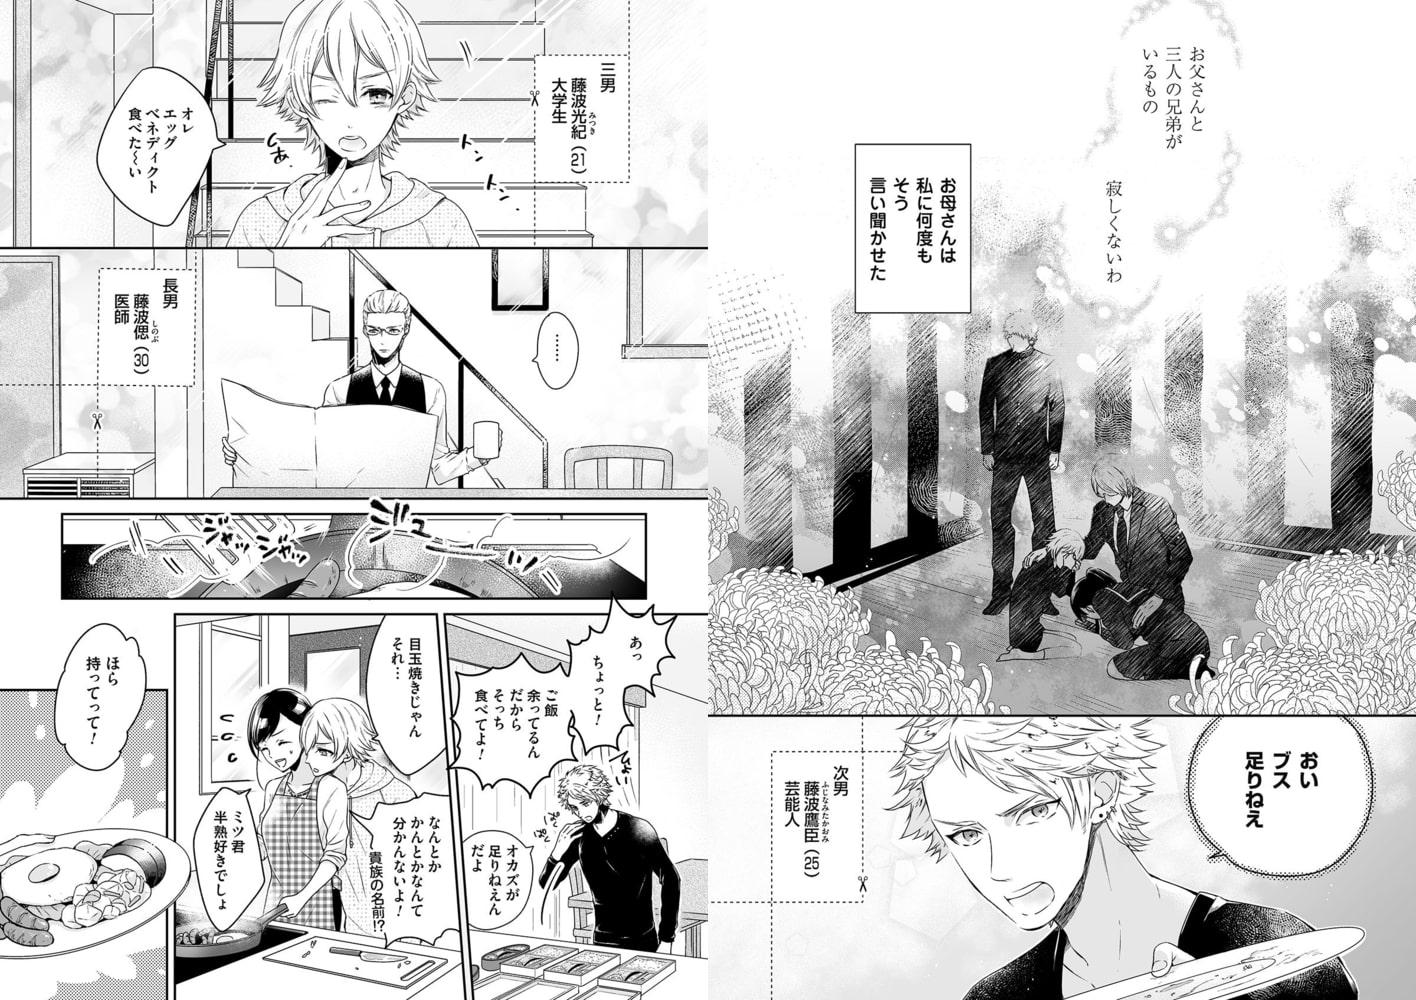 藤波さんちの恋愛事情~恋愛は外じゃなく、家庭内ではじまる!?(1)